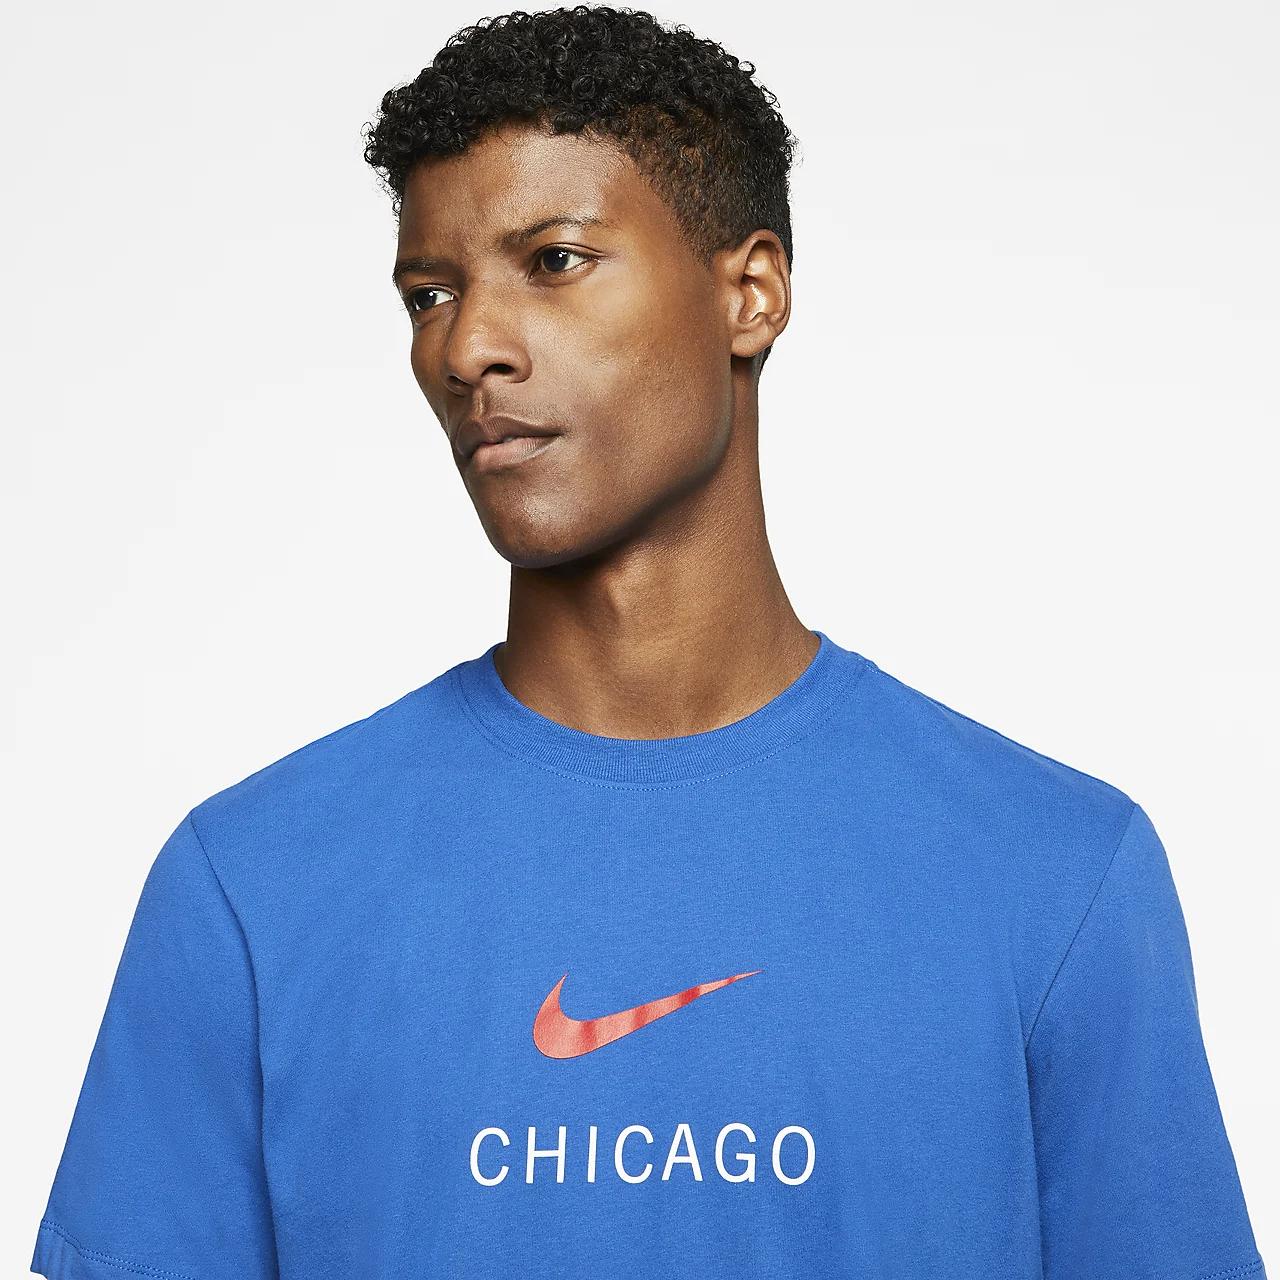 나이키 드라이핏 시카고 남자 트레이닝 티셔츠 CW2353-477